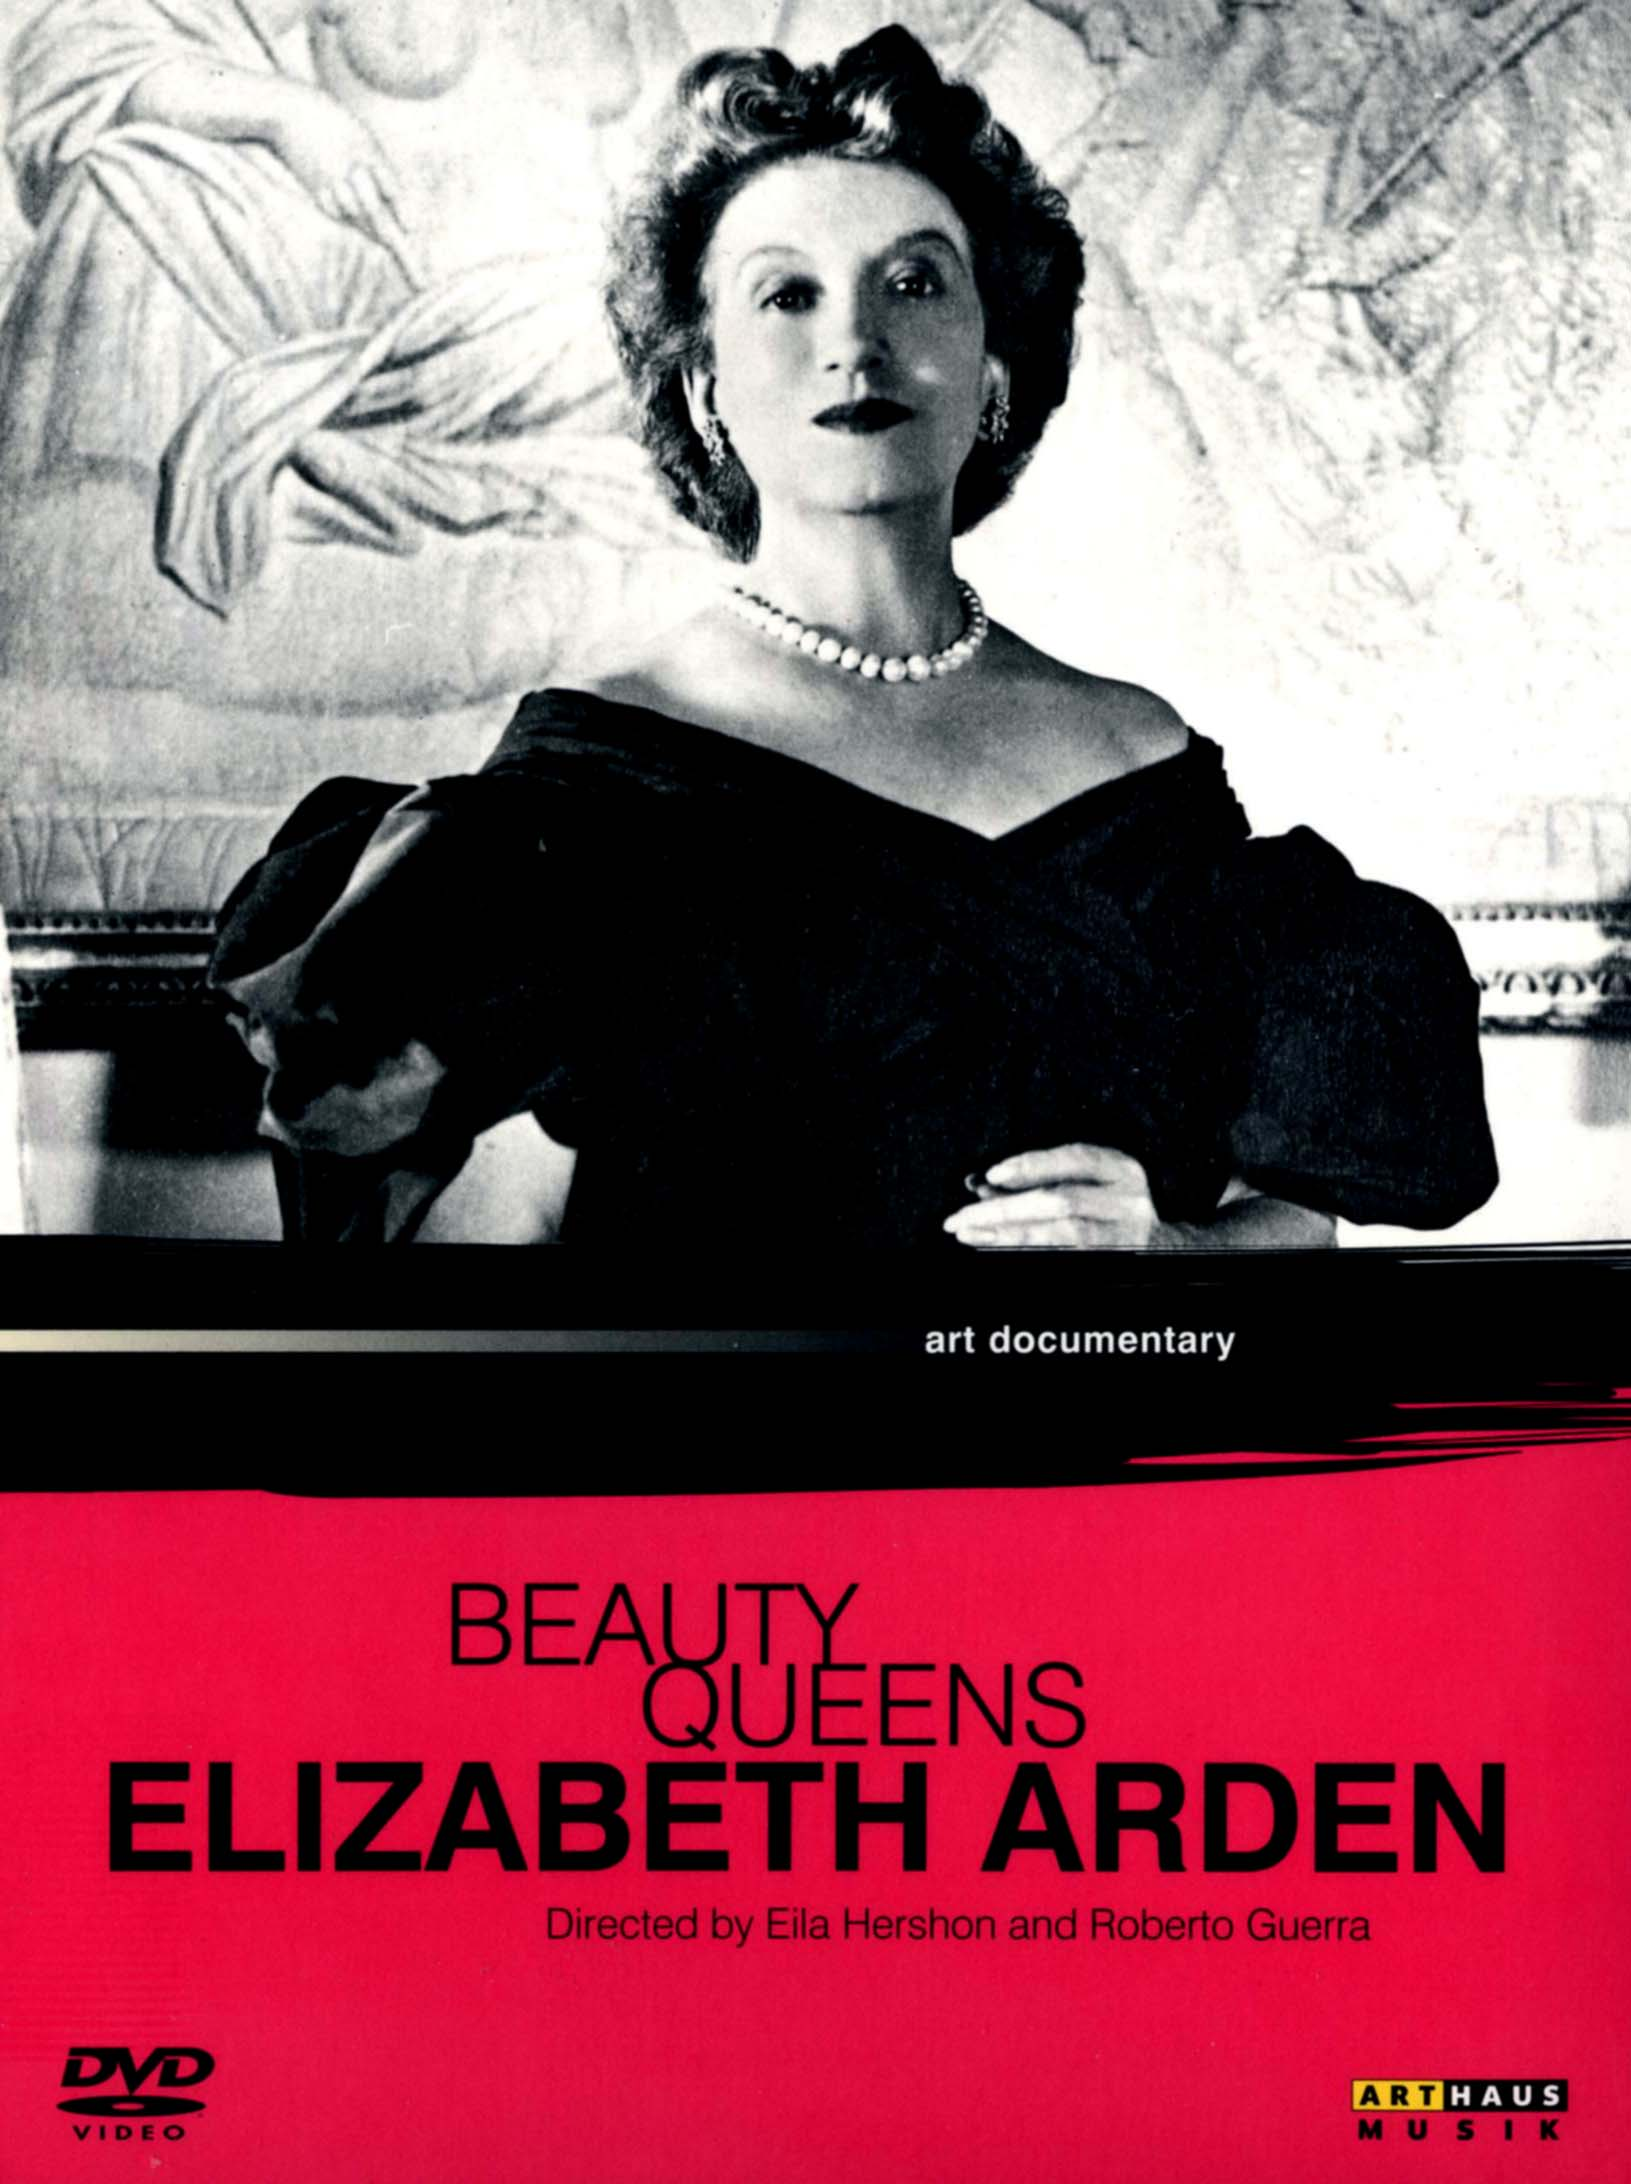 The Beauty Queens, Vol. 2: Elizabeth Arden (1988)